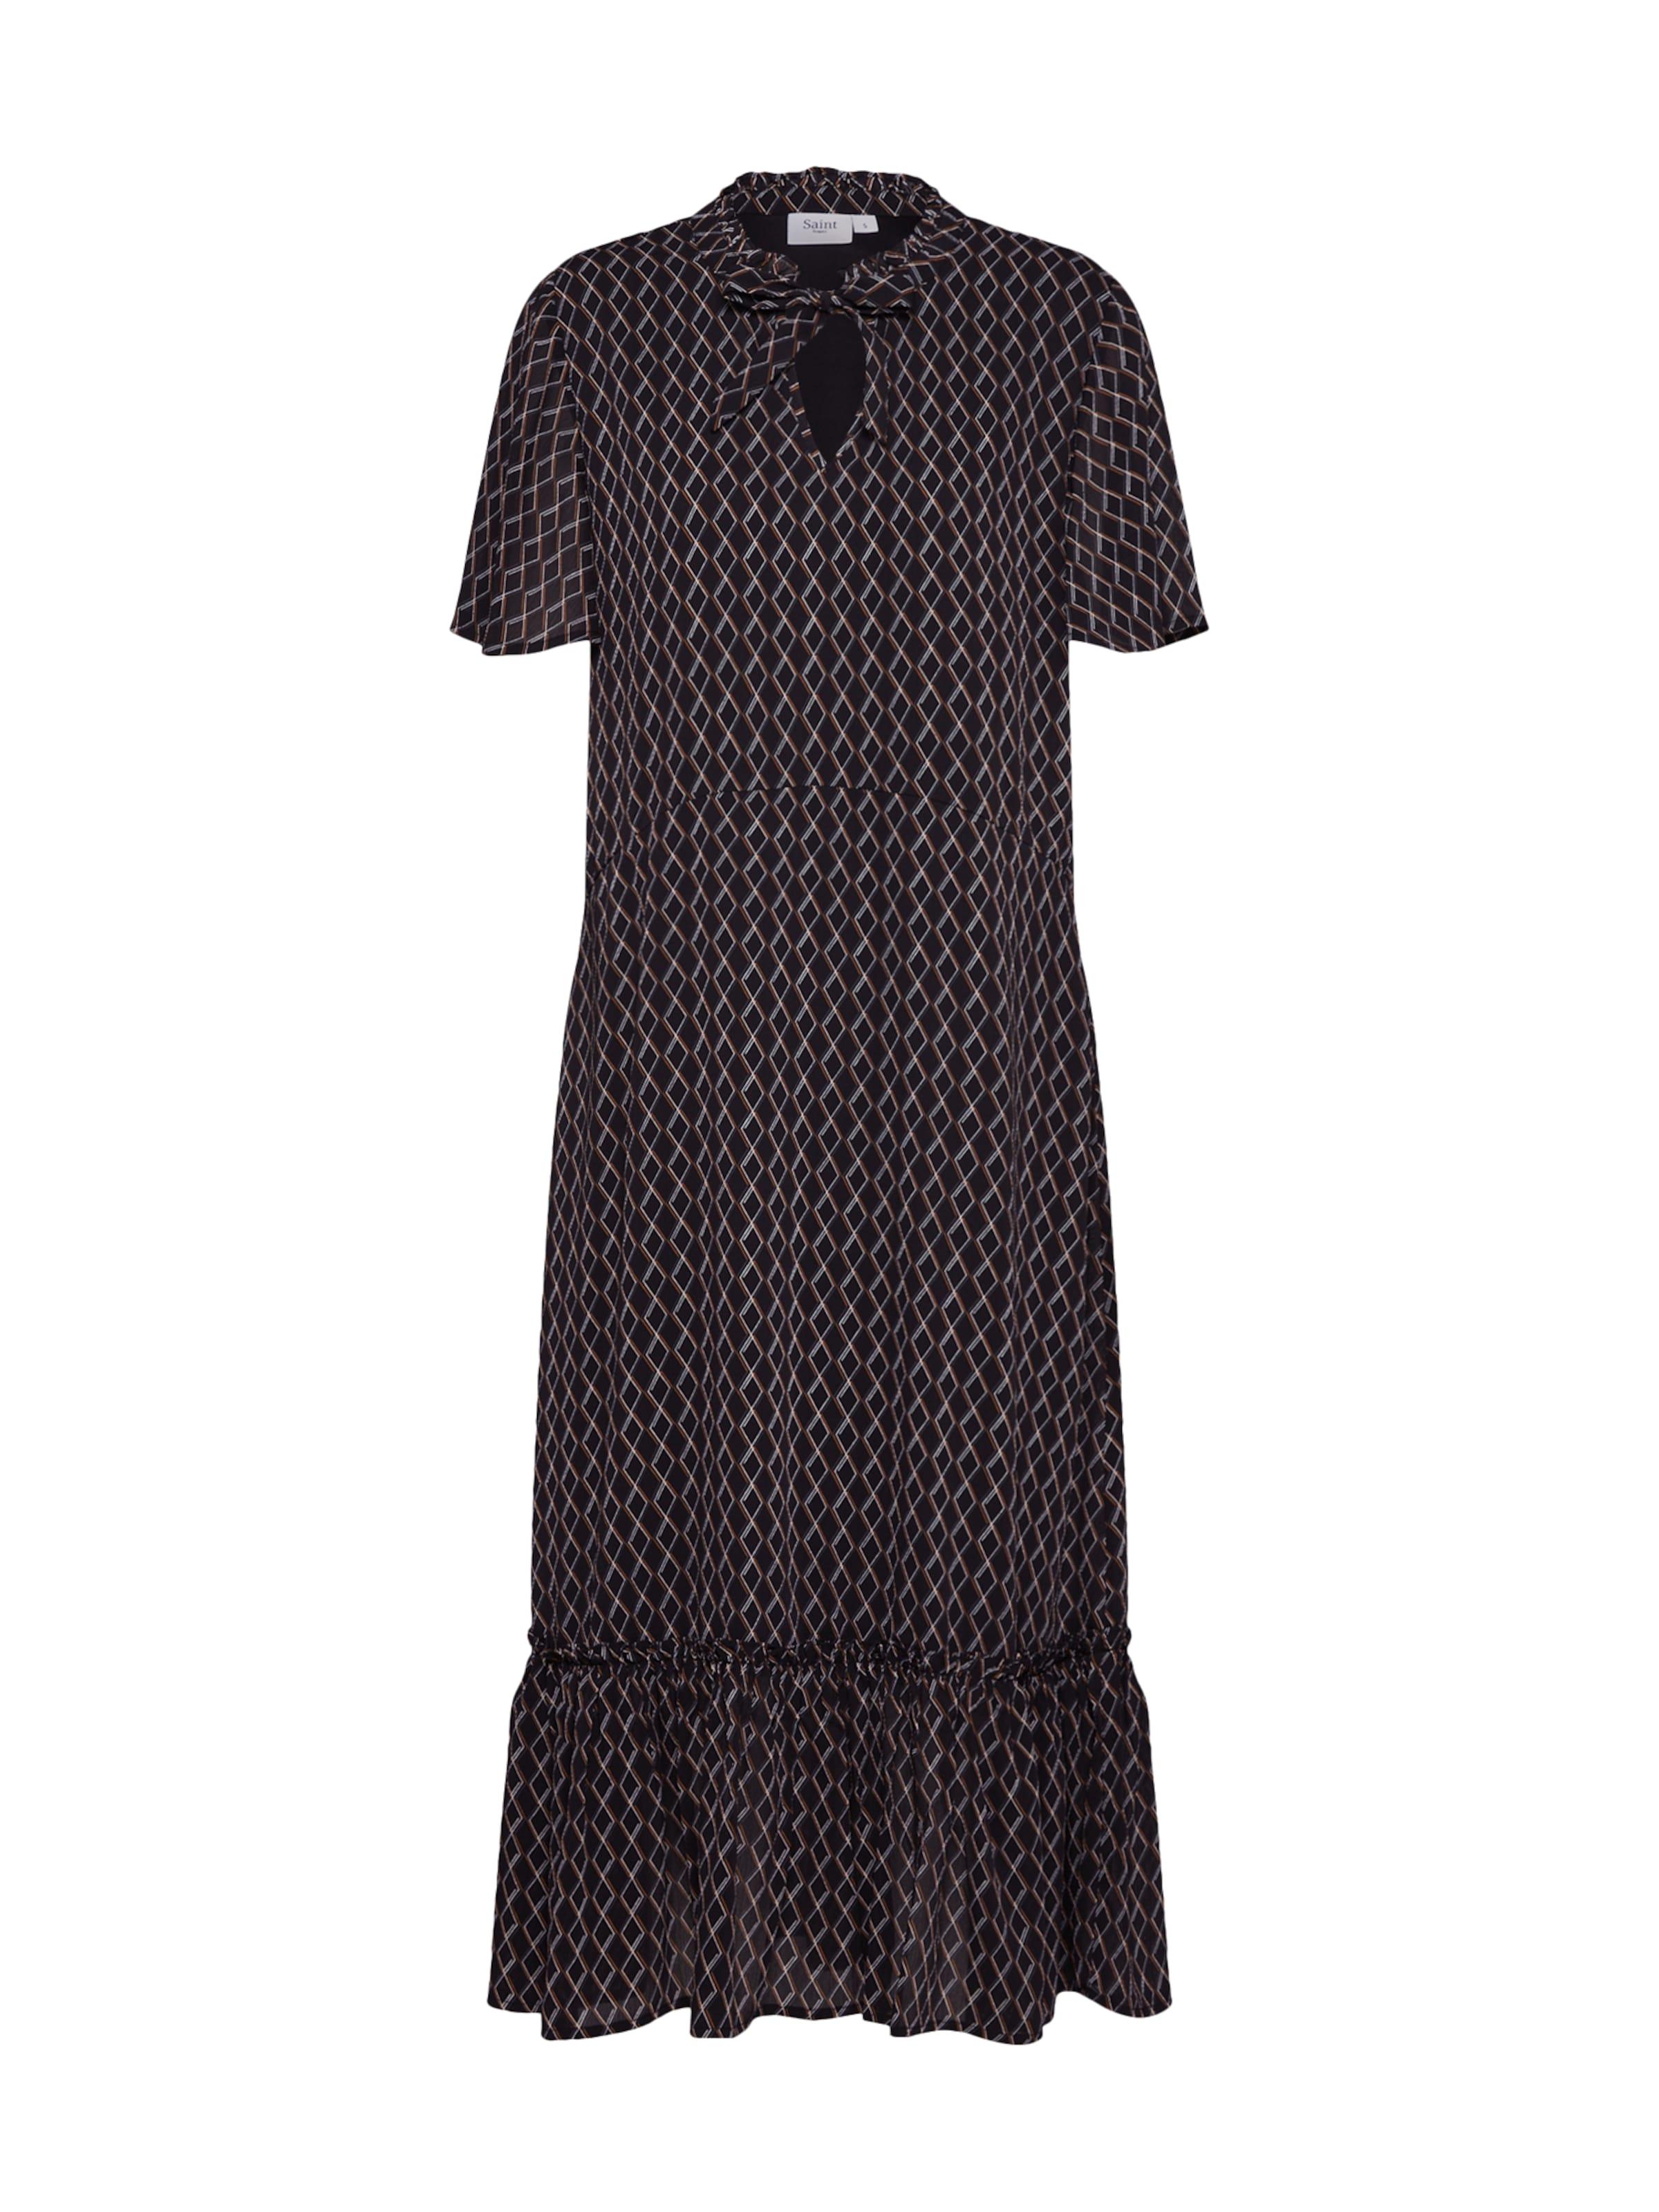 DressMaxi' Tropez Noir Robe chemise 'woven Saint En lK1JFc